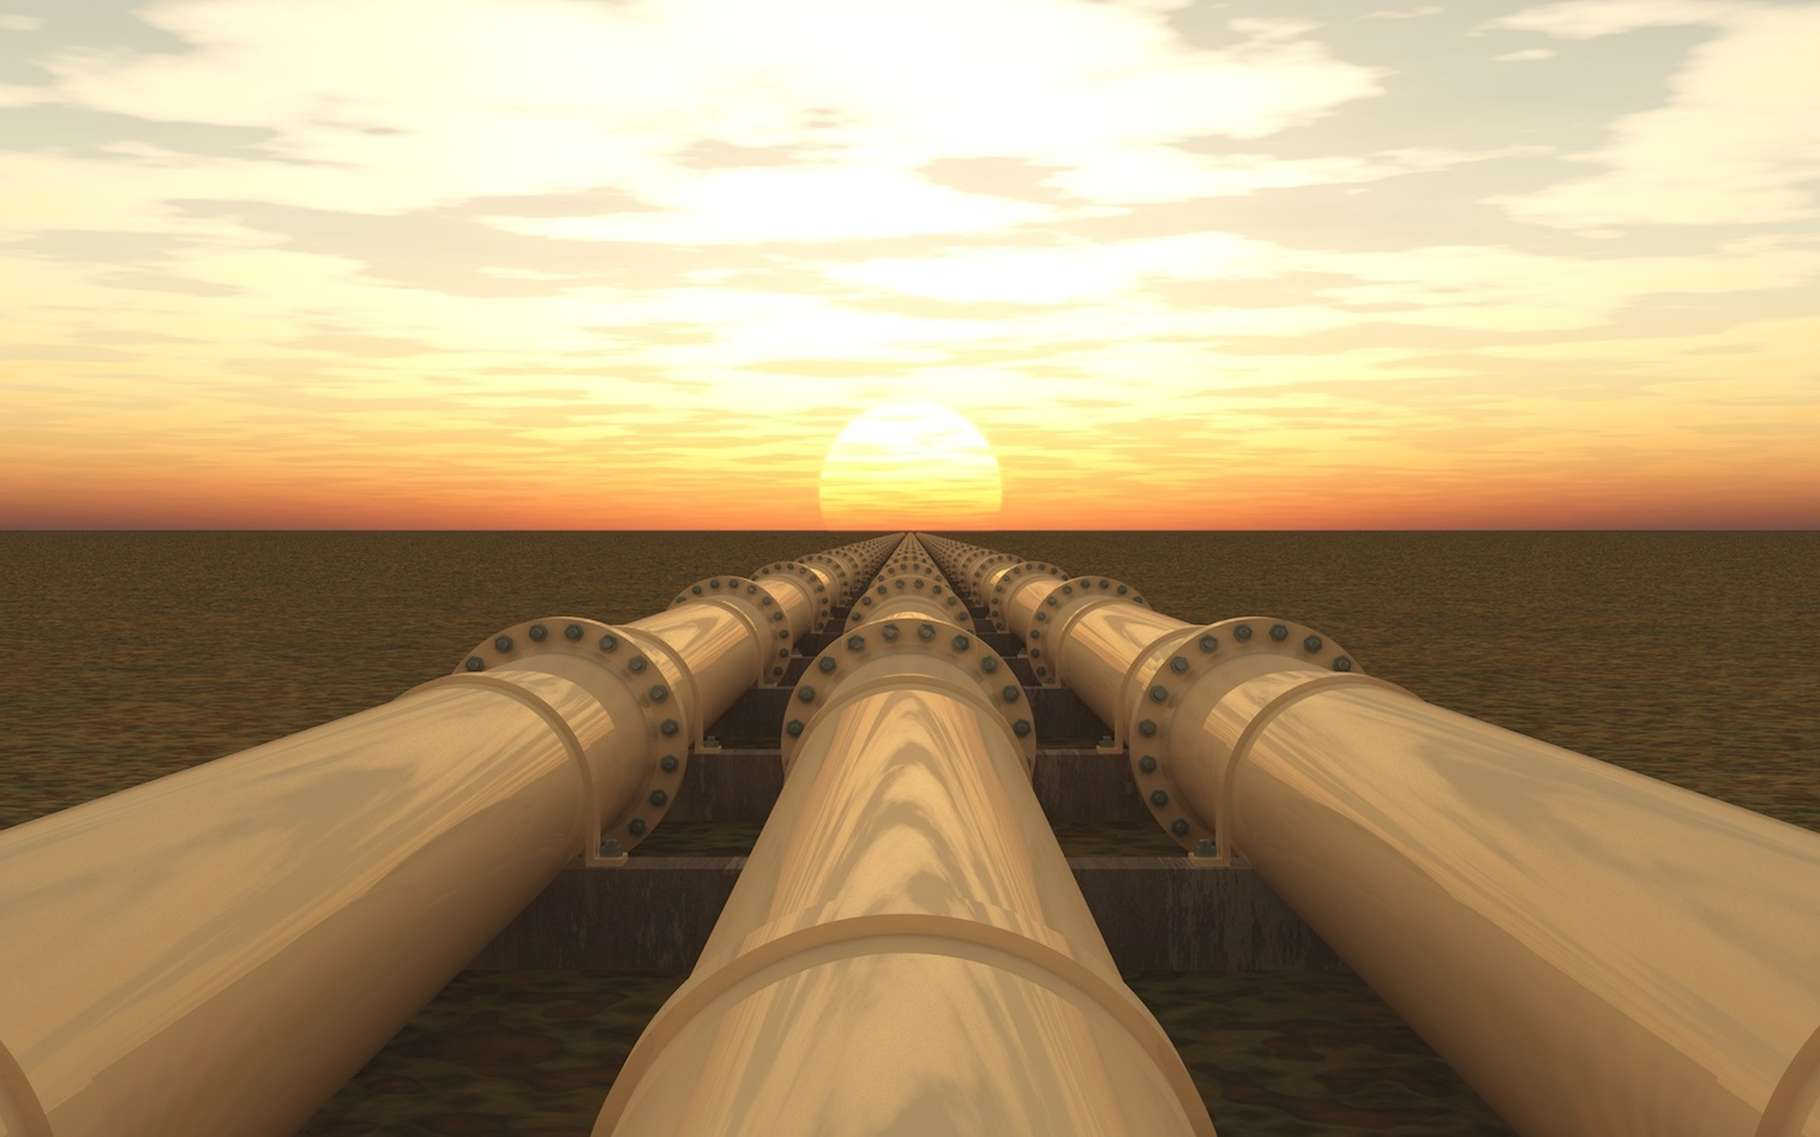 C'est dans des réseaux d'oléoducs que le pétrole, brut ou raffiné, est transporté à travers le monde. © bht2000, Fotolia